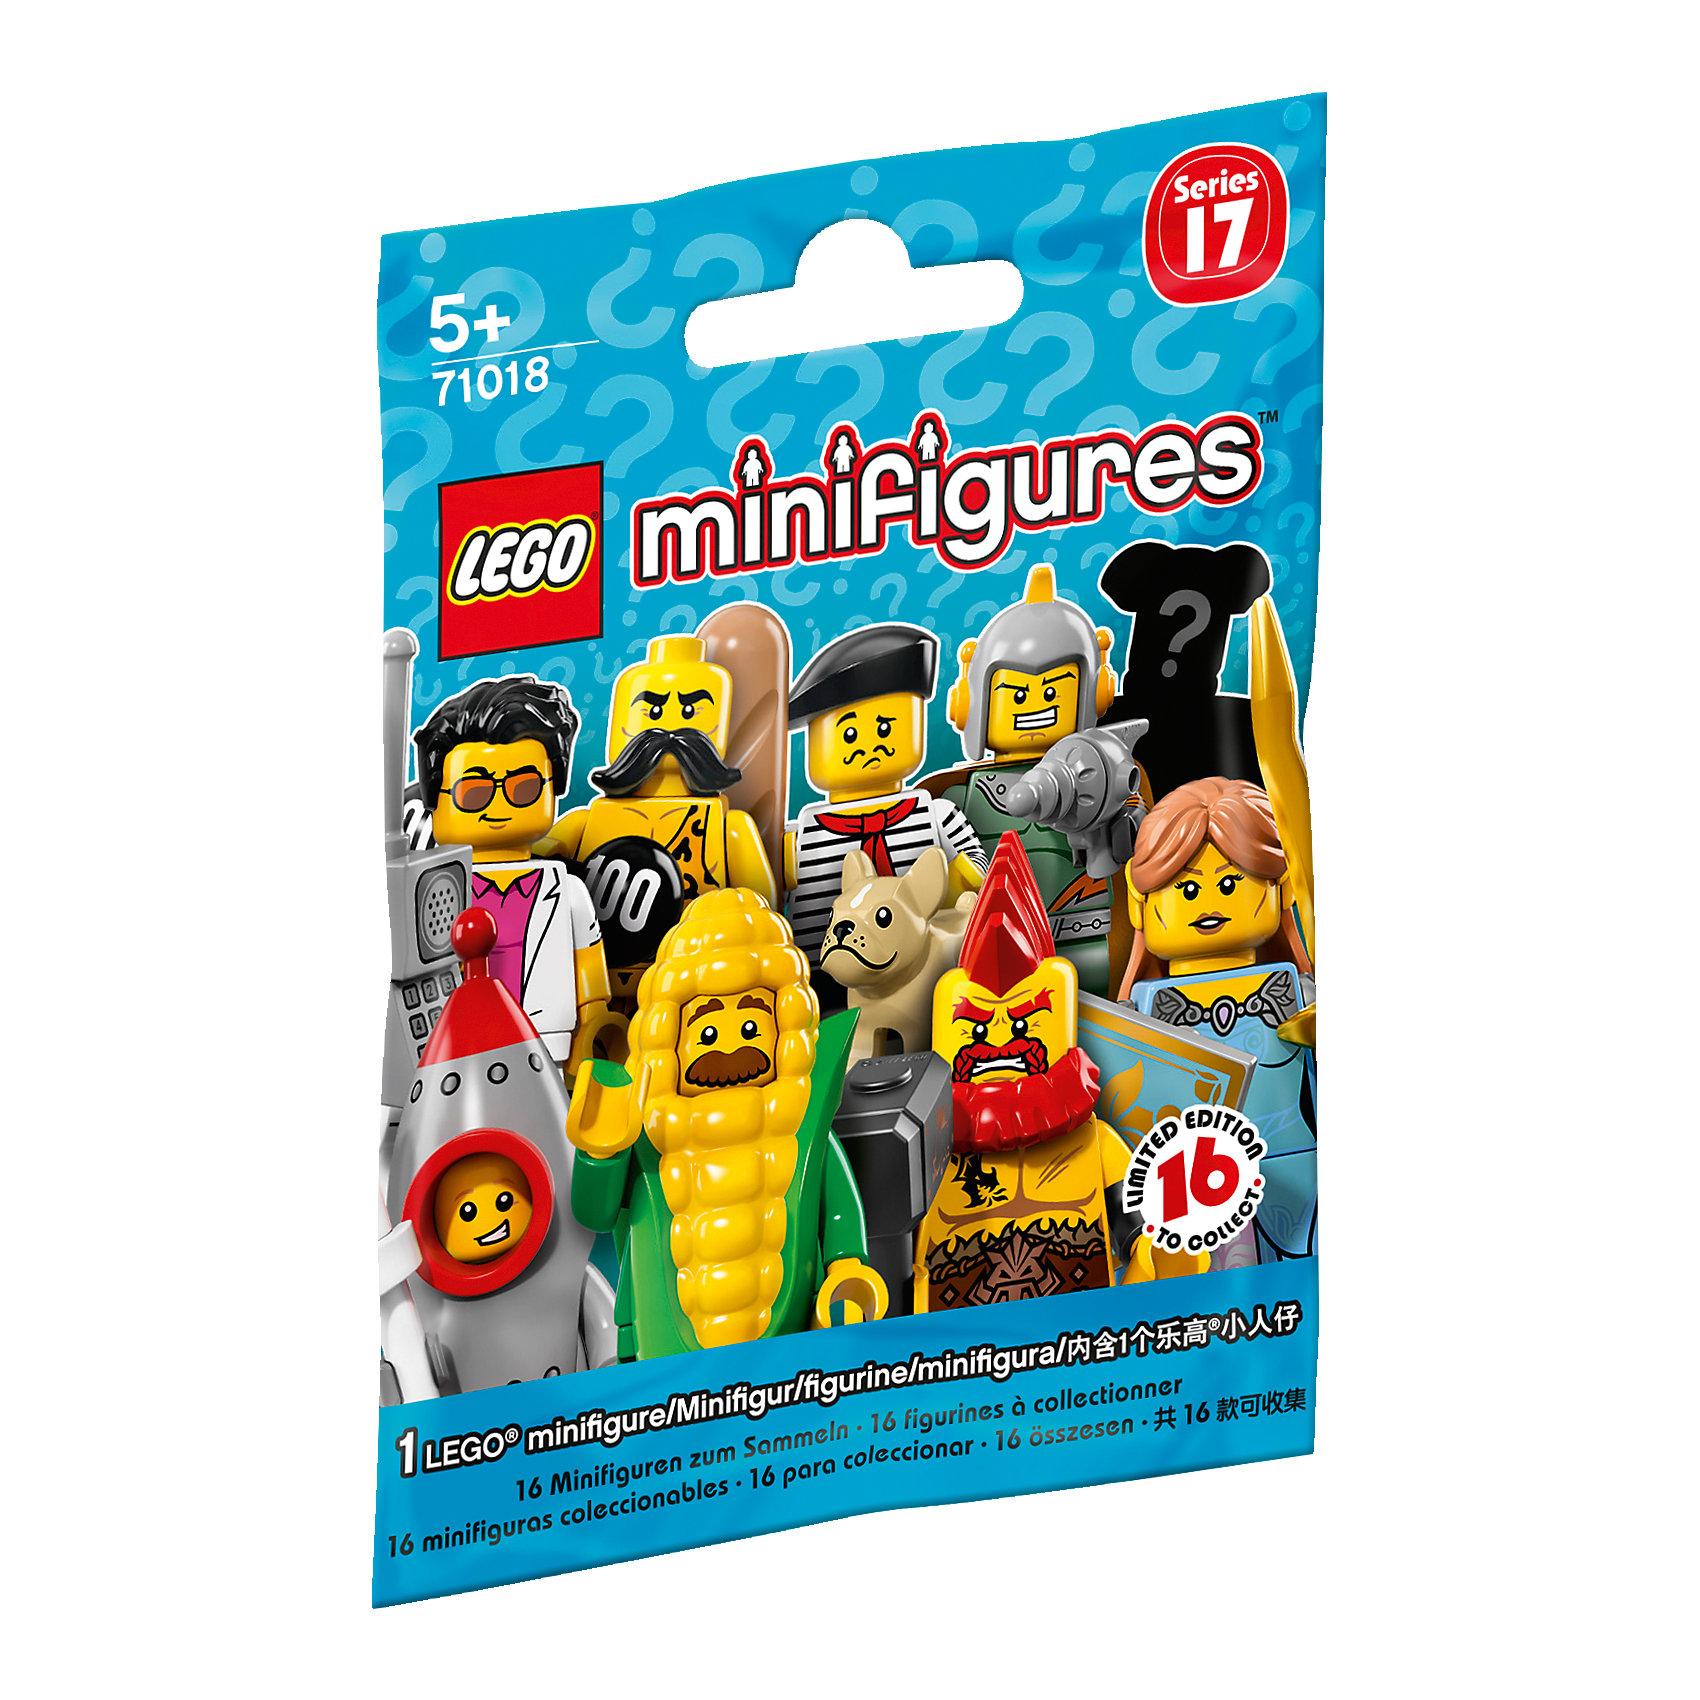 LEGO 71018: Минифигурки, серия 17Пластмассовые конструкторы<br>LEGO 71018: Минифигурки, серия 17<br><br>Характеристики:<br><br>- в набор входит: 1 минифигурка, демонстрационная пластина, коллекционная брошюра<br>- состав: пластик<br>- для детей в возрасте: от 5 до 14 лет<br>- Страна производитель: Дания/Китай/Чехия<br><br>Легендарный конструктор LEGO (ЛЕГО) представляет свои семнадцатую серию минифигурок – человечков ЛЕГО. <br><br>Каждая минифигурка подходит для игры с любым стандартным конструктором ЛЕГО (кроме серии LEGO Duplo). В индивидуальном пакетике скрыта одна из фигурок серии и нельзя заранее узнать какая именно. Если у вас уже есть наборы лего, то обновление человечков будет очень кстати, самые разнообразные фигурки привнесут много нового в игру. Все фигурки могут поворачивать головой, двигать руками и ногами, а также принимать сидячее положение. <br><br>Стандартные ручки минифигурок могут держать стандартные предметы ЛЕГО, некоторые минифигурки серии идут в комплекте с аксессуарами. Фигурки выглядят ярко, очень качественно проработаны в деталях и рисунках, некоторые имеют по два выражения лица. Сюрприз и игрушка ожидают вас с каждым таинственным пакетиком минифигурок ЛЕГО серии 17, какая именно попадется вам? Наполните свой лего-город новыми героями серии!<br><br>LEGO 71018: Минифигурки, серия 17 можно купить в нашем интернет-магазине.<br><br>Ширина мм: 116<br>Глубина мм: 88<br>Высота мм: 15<br>Вес г: 12<br>Возраст от месяцев: 60<br>Возраст до месяцев: 144<br>Пол: Унисекс<br>Возраст: Детский<br>SKU: 5002410